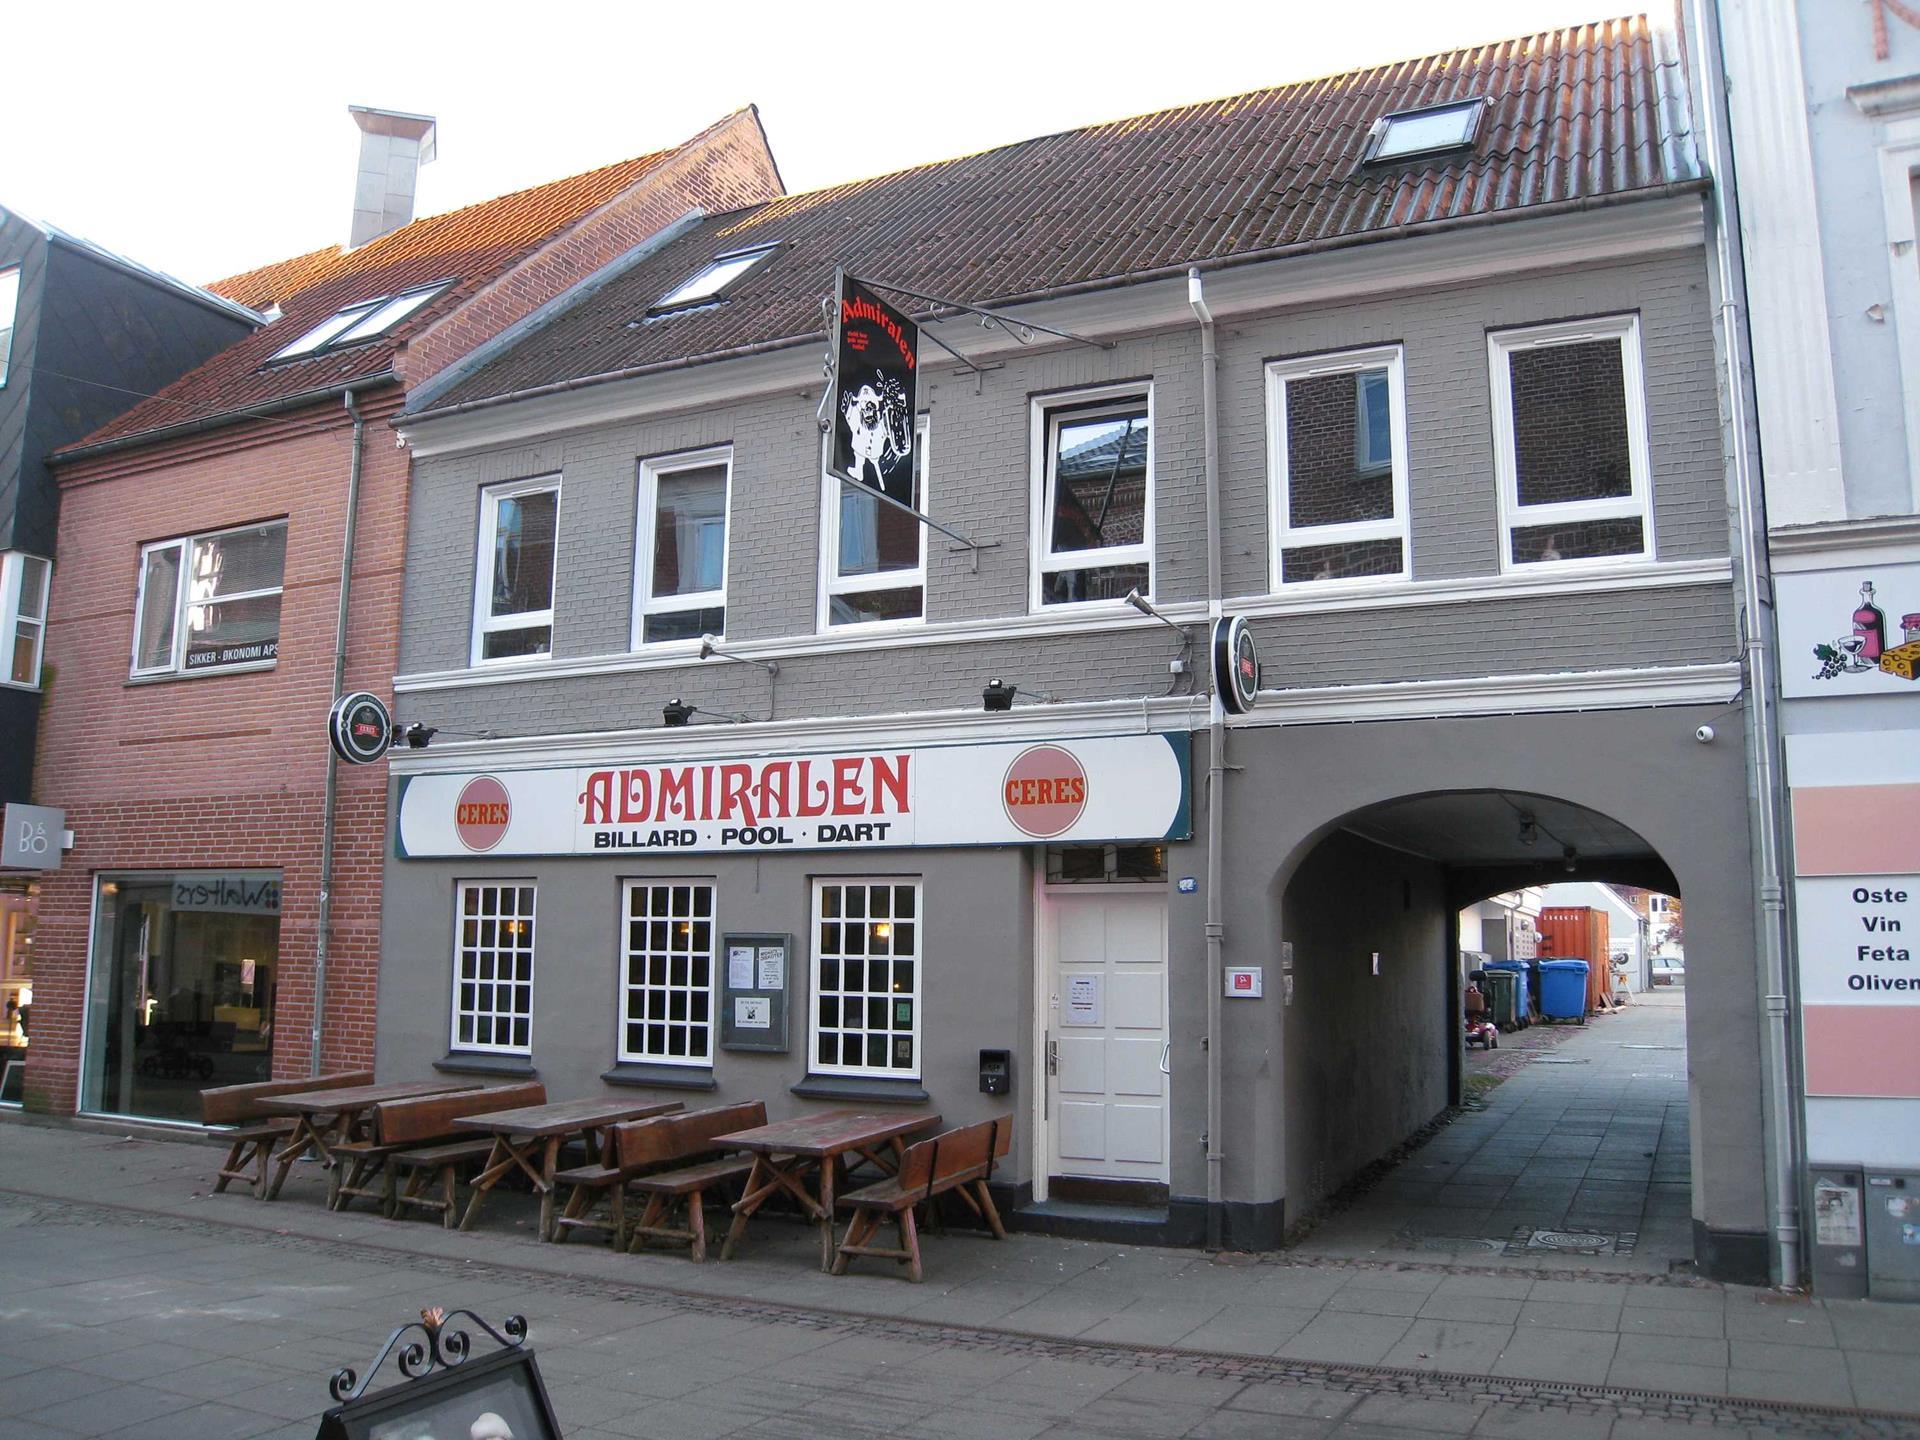 Bolig/erhverv på Søndergade i Silkeborg - Facade